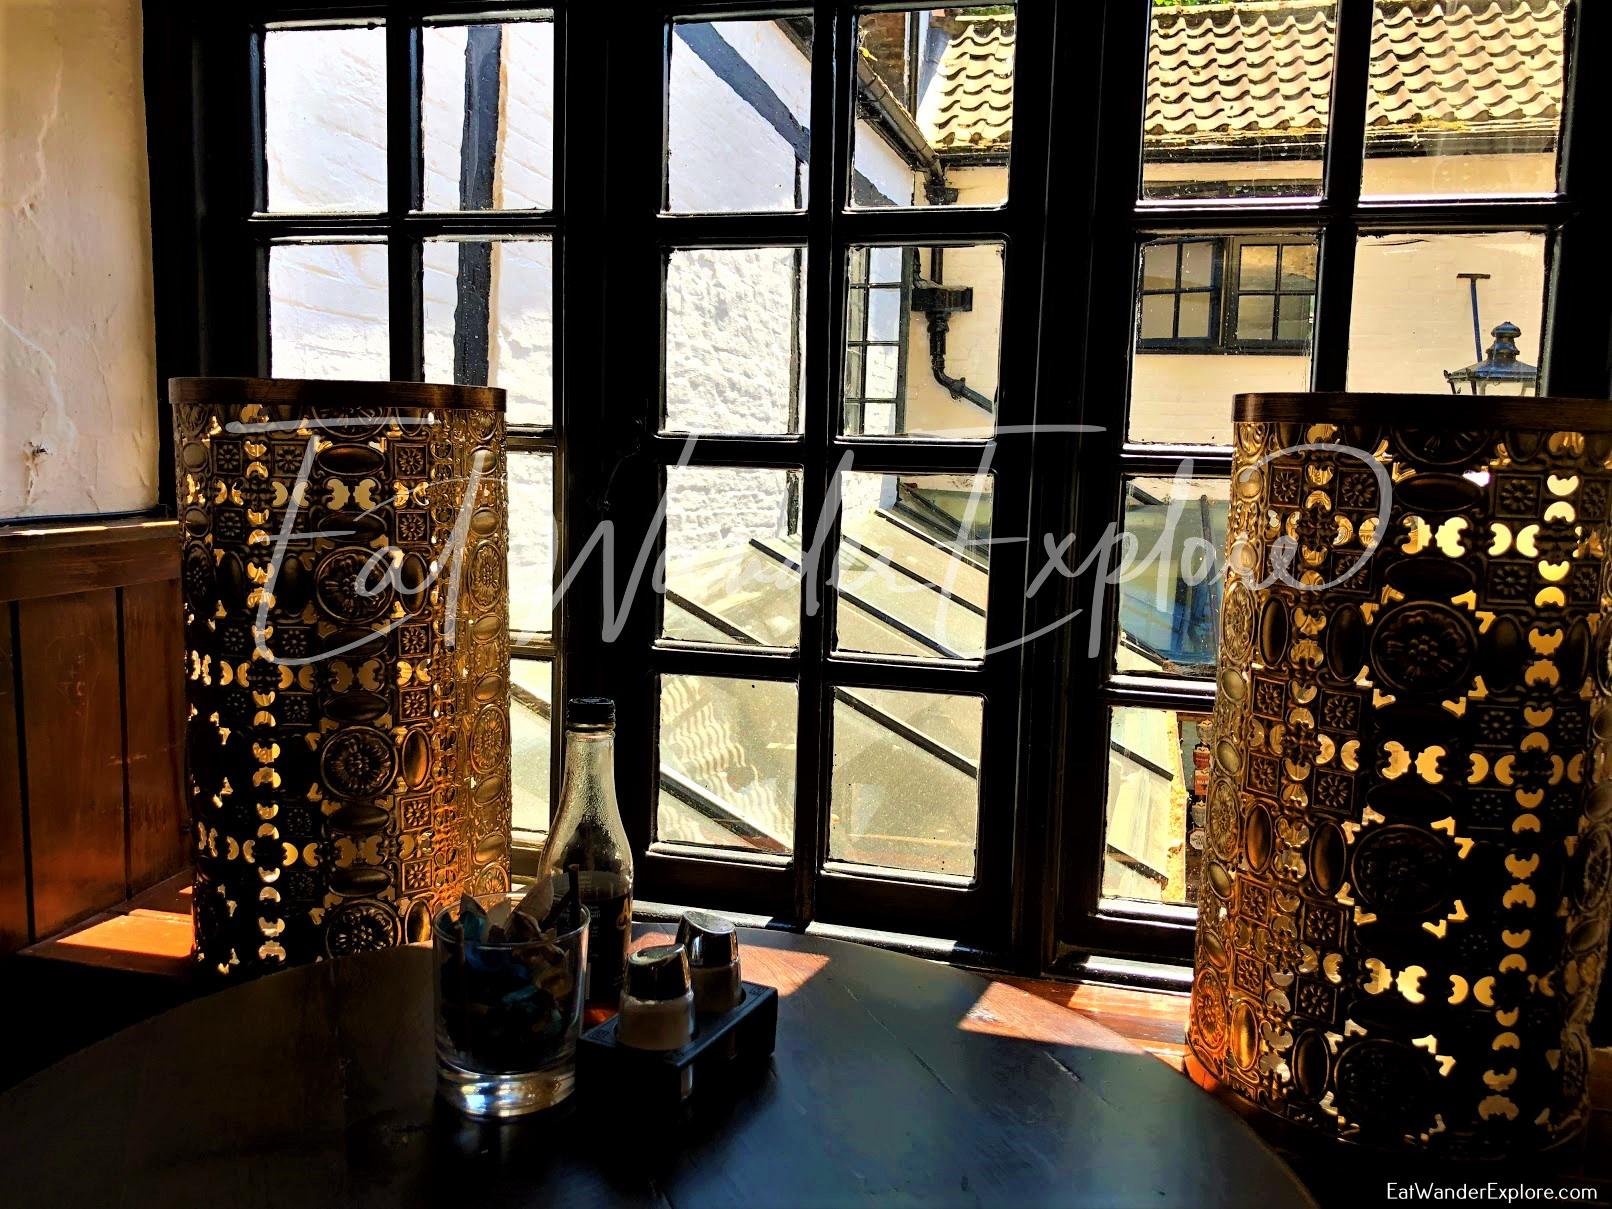 window view in Ye Olde Trip to Jerusalem